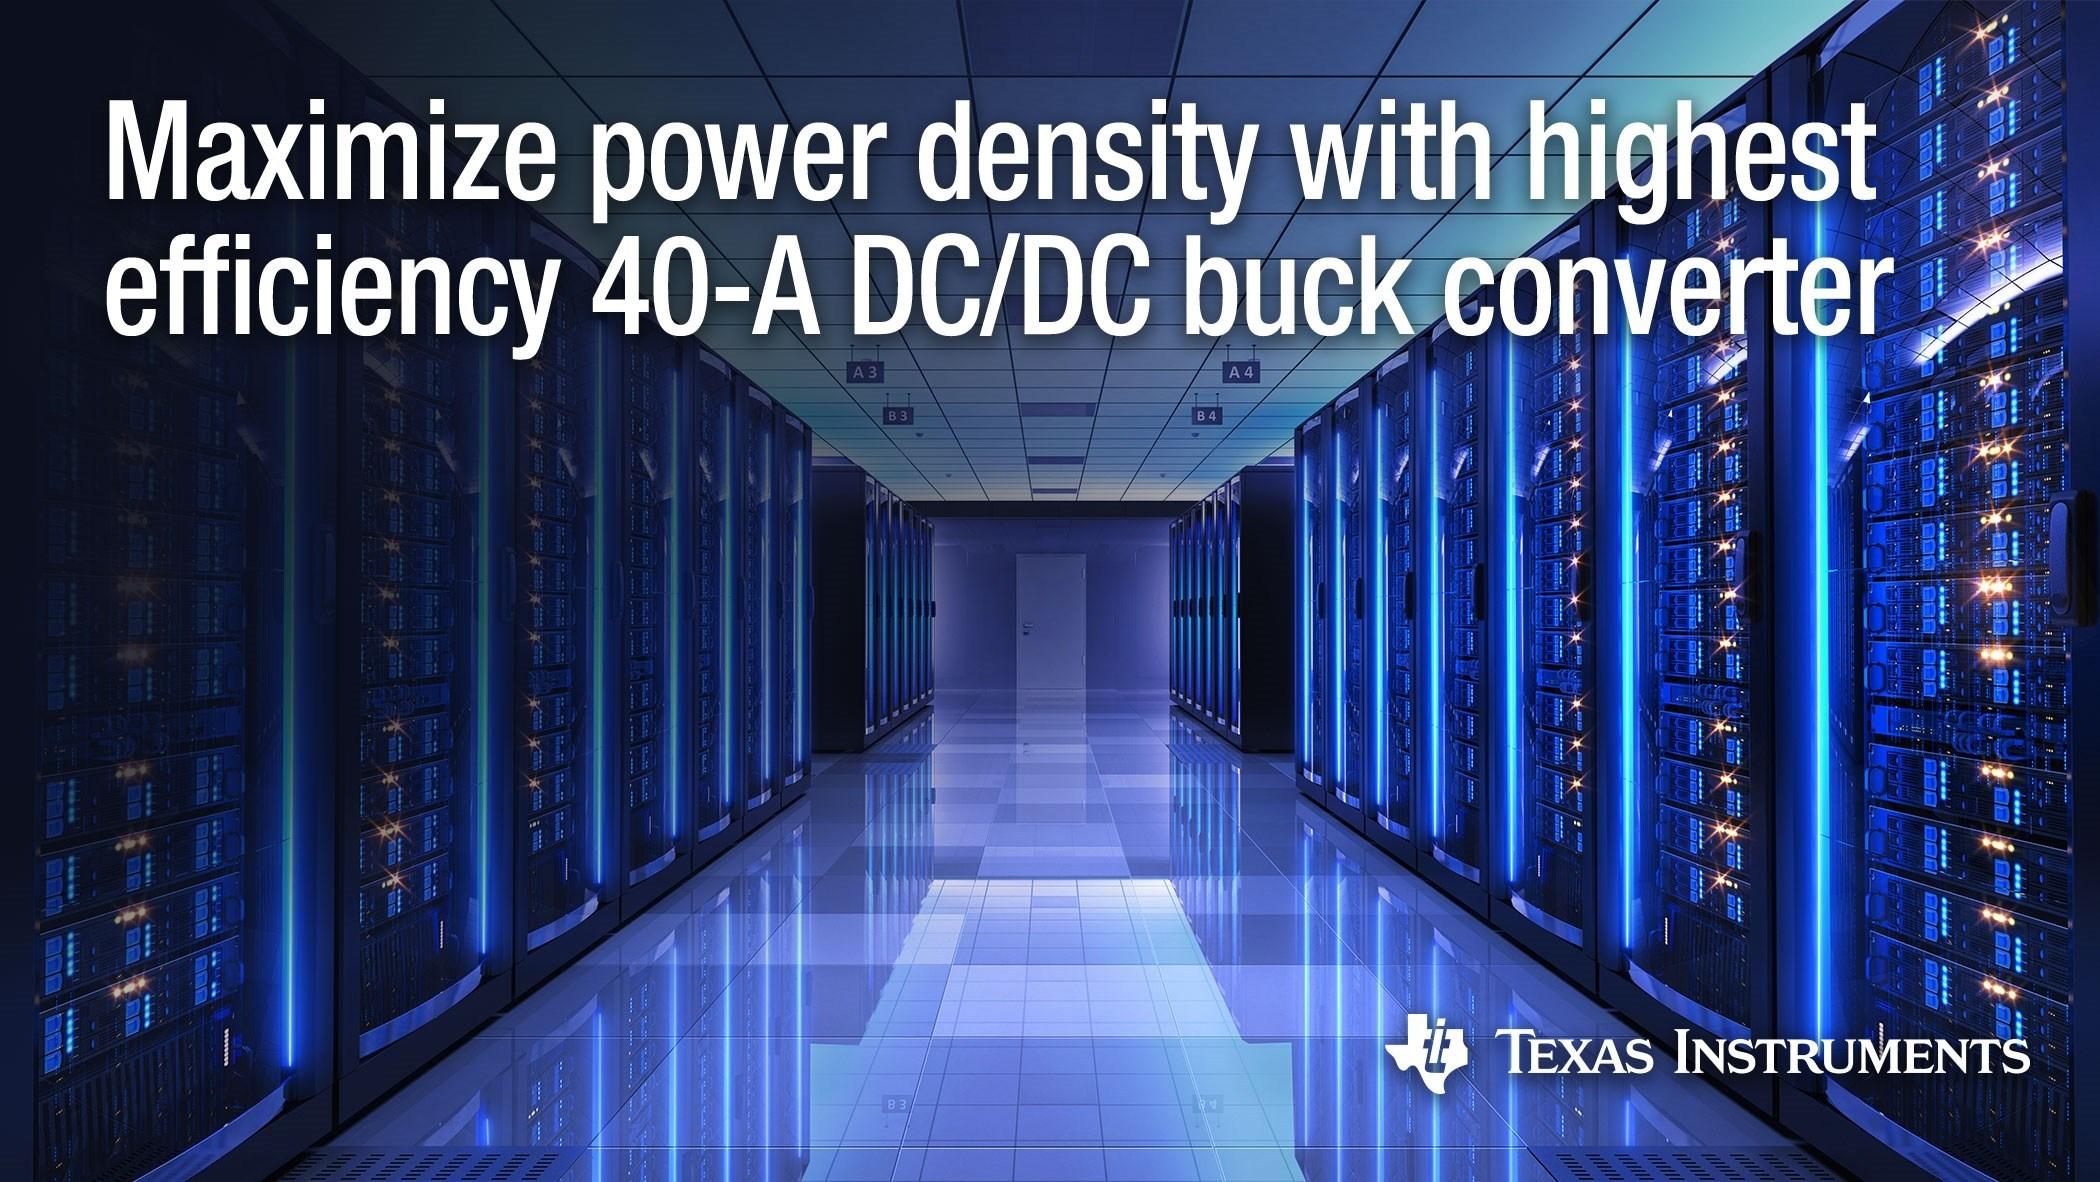 德州仪器推出堆栈式DC/DC降压转换器,实现高电流FPGA和处理器电源的功率密度更大化